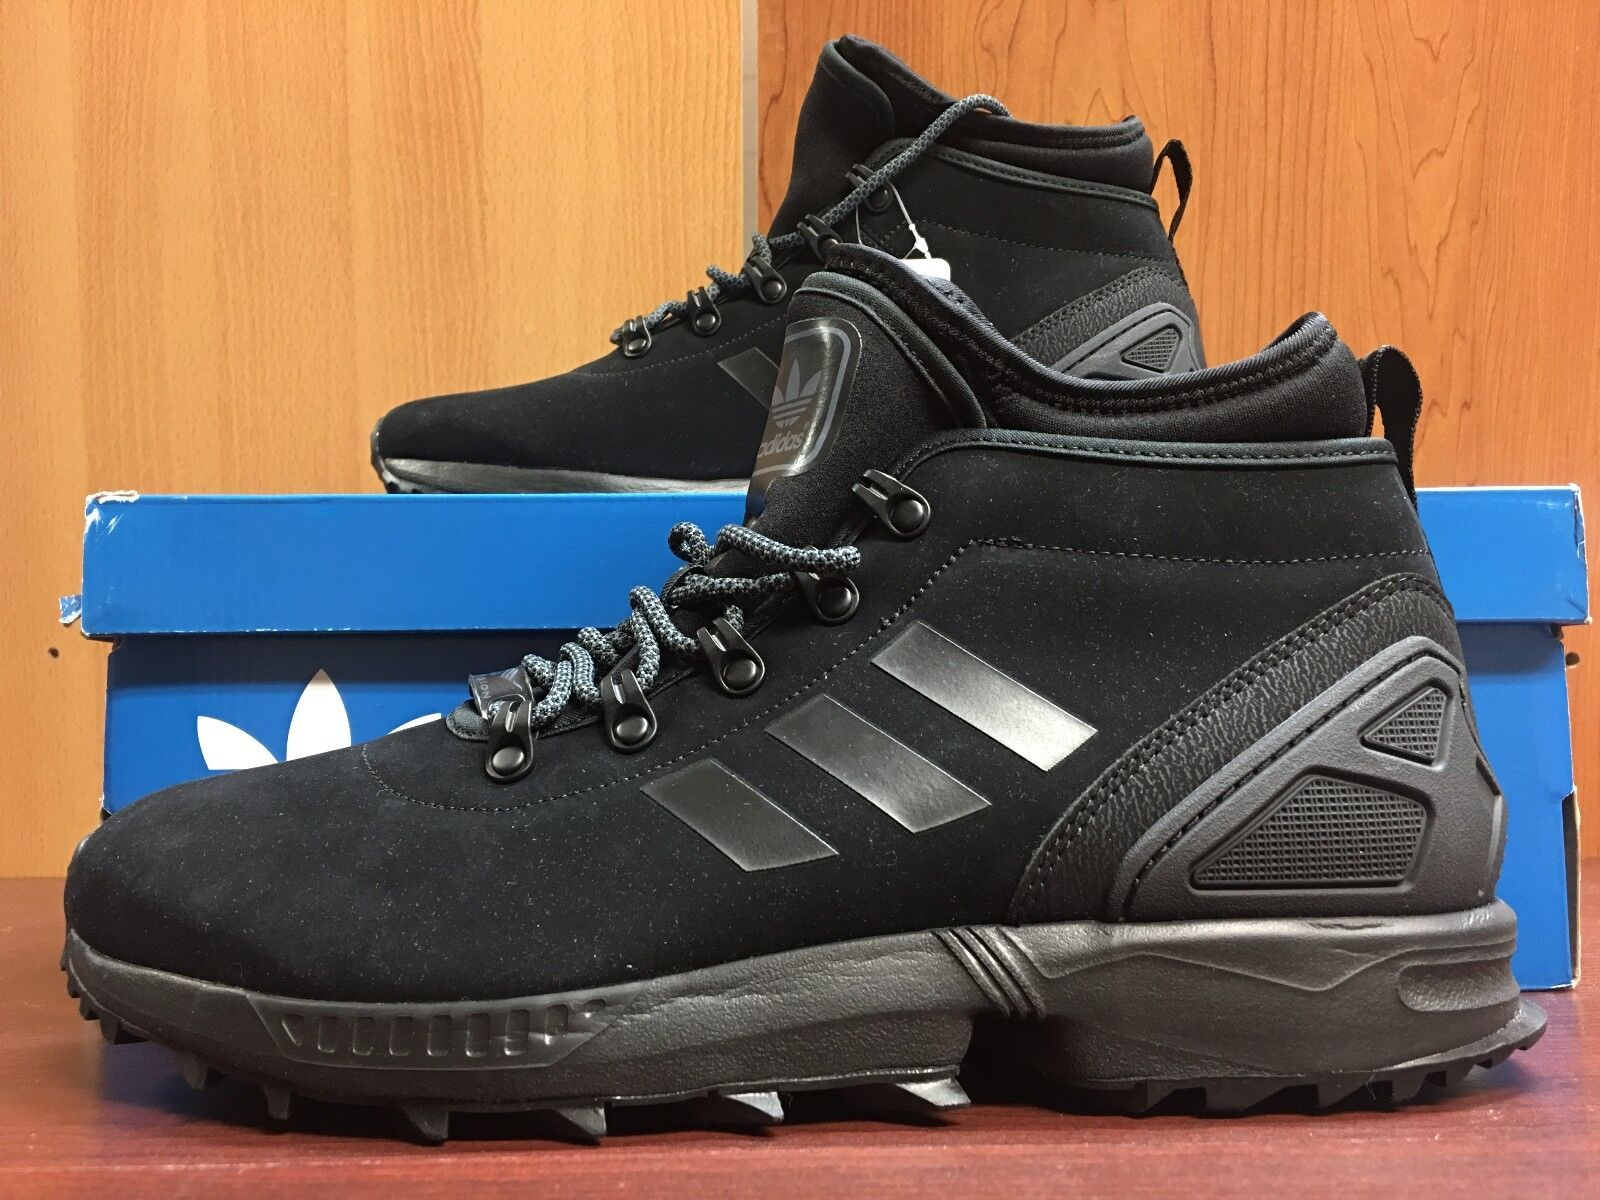 Adidas zx flujo botas de invierno para los hombres original de negro con caja original hombres de reducción de precio fad0d5